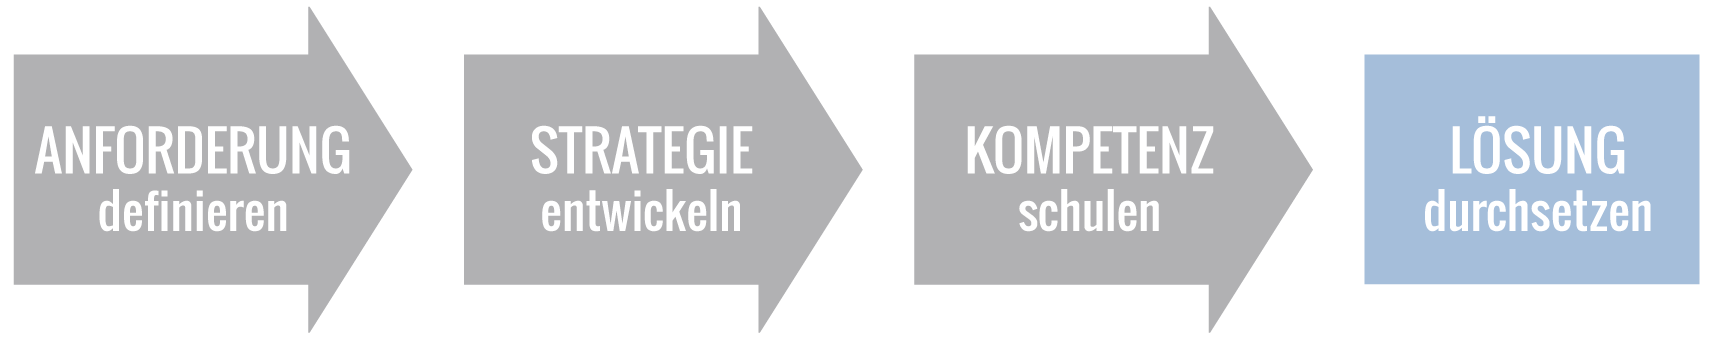 Impulse setzen: Anforderung definieren, Strategie entwickeln, Kompetenz schulen, Lösung durchsetzen